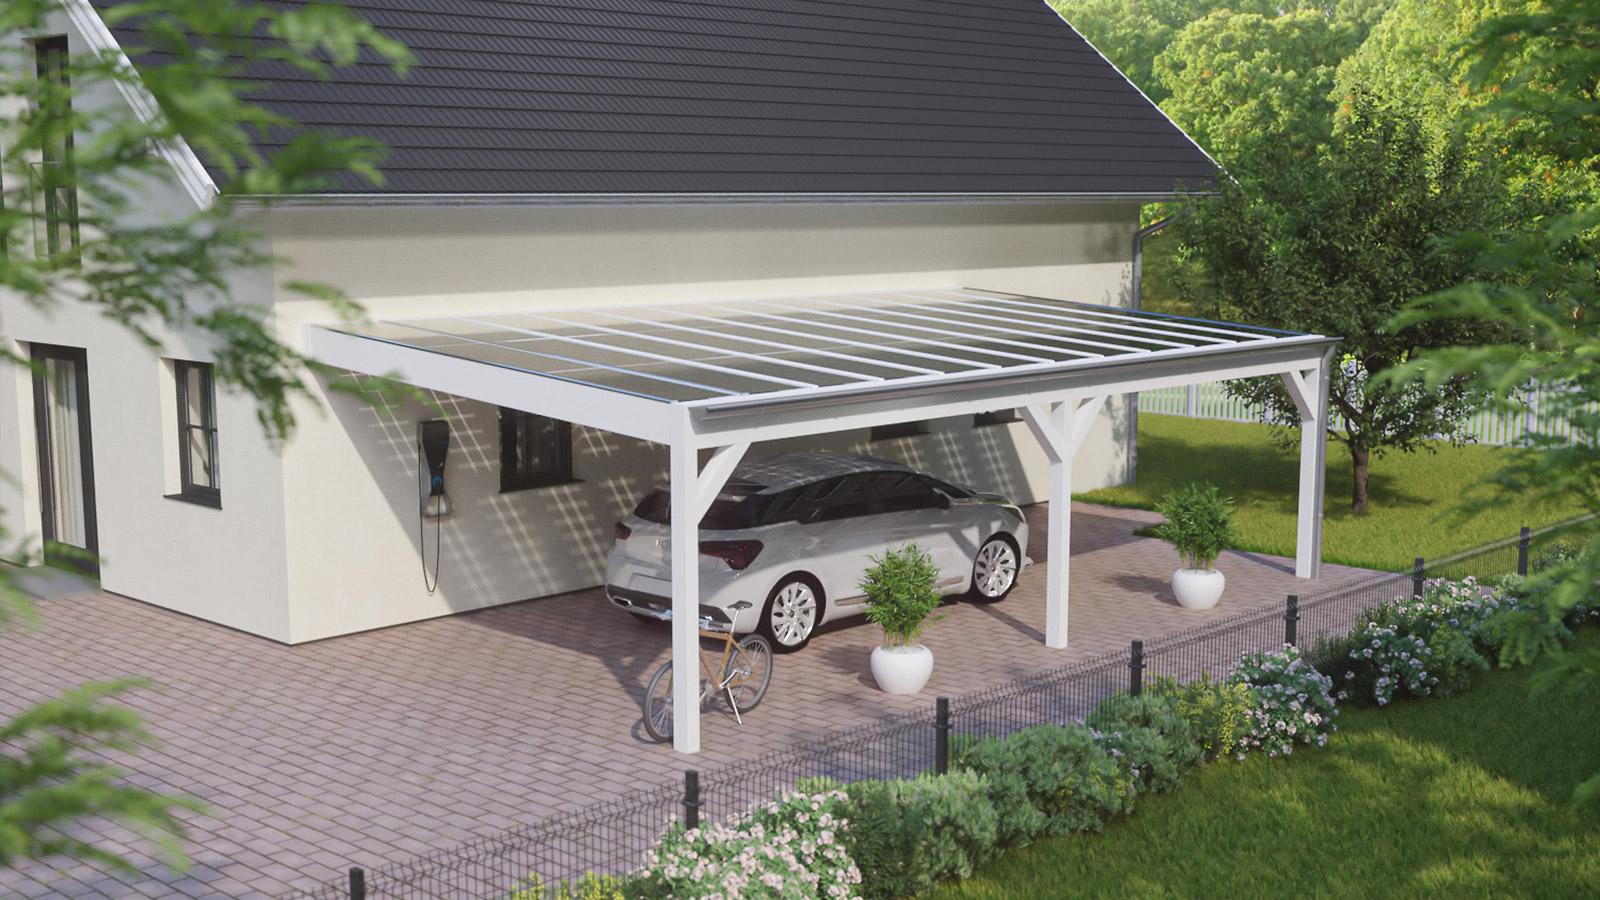 Solarcarport durch die Sonne finanziert